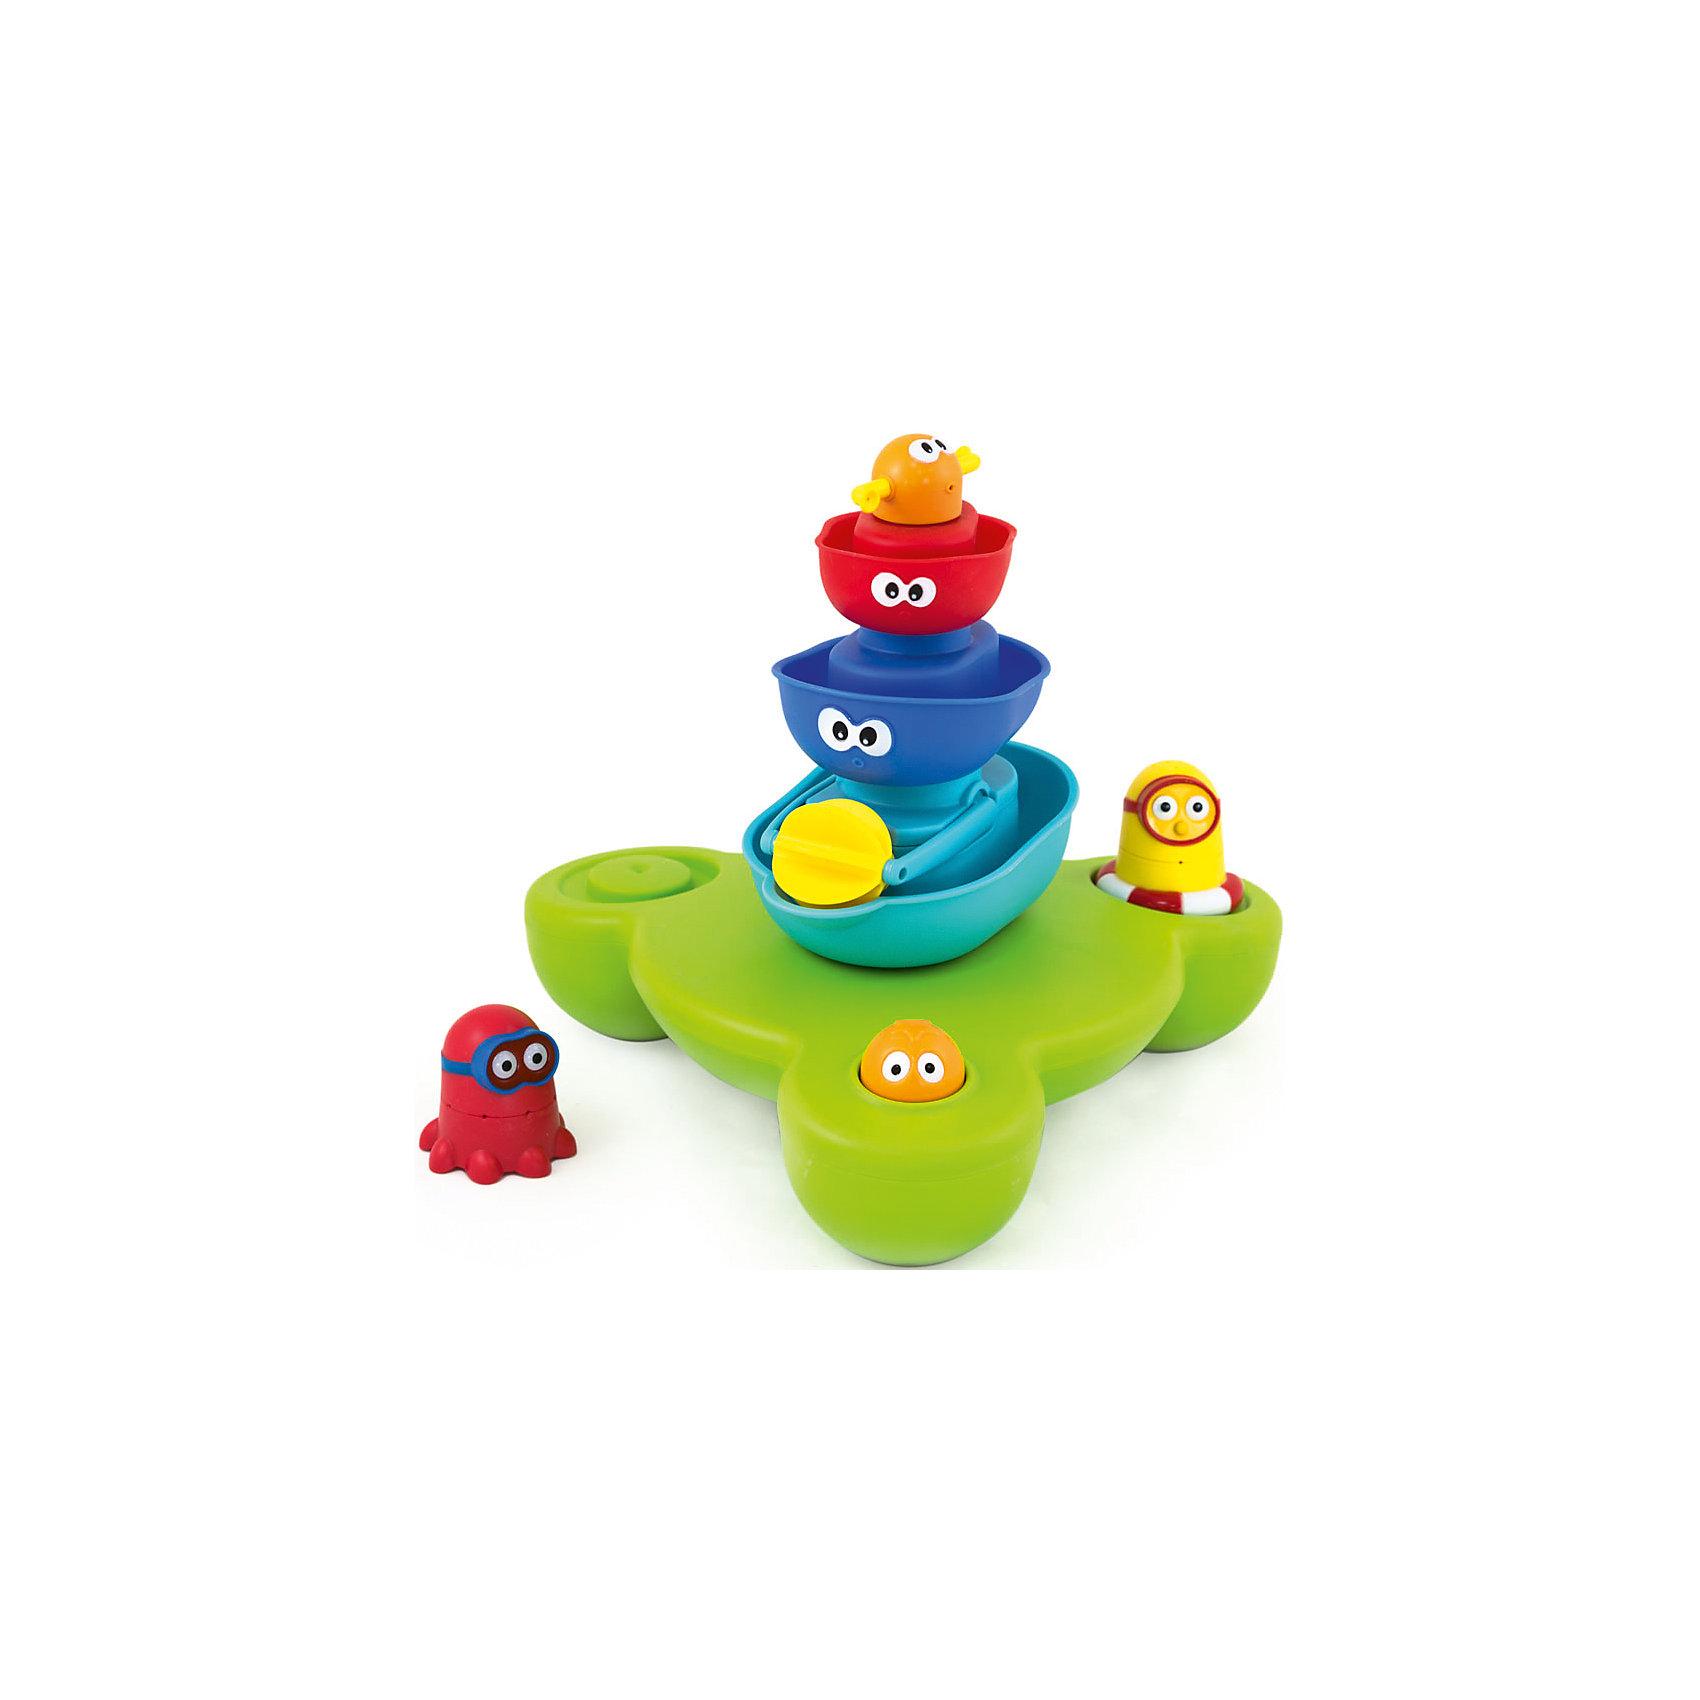 Игрушка для ванны Пирамидка Фонтан, PicnMixИгрушки для ванной<br>Игрушка для ванны Пирамидка Фонтан, PicnMix<br><br>Характеристики:<br><br>- в набор входит: насос-подставка, 3 яруса, 2 фигурки<br>- элементы питания: батарейки АА, 3 шт. (в комплекте отсутствуют)<br>- состав: пластик<br>- размер: 27 * 11 * 40 см.<br><br>Эта увлекательная игрушка от известного бренда детских игрушек PicnMix (ПикнМикс) приведет ребенка в восторг и он захочет купаться с ней снова и снова. Не сложная, но захватывающая, она привлечет внимание своей интересной структурой  и дизайном. Насос-подставка фонтана помещается в ванную и держится на воде плавая. Разноцветные ярусы фонтана снимаются и превращаются в небольшие лодочки симпатичными глазками и имеют отверстия, из которых водичка выливается по-разному. Сама большая лодочка имеет регулируемую водяную мельницу и когда на нее попадает вода, то колесо начинает двигаться. Лодочки можно помещать в любом порядке. Интересные фигурки можно закреплять на лодочках и они будут весело плавать вместе на поверхности воды. На голове фигурок имеются отверстия и когда фигурки закреплены на фонтане, то из них тоже льется вода. Игрушка изготовлена из высококачественного пластика и безопасна для детей. Игрушка поможет развить внимательность, логическое мышление, моторику, выучить цвета и прекрасно провести время во время купания.<br><br>Игрушку для ванны Пирамидка Фонтан, PicnMix (ПикнМикс) можно купить в нашем интернет-магазине.<br><br>Ширина мм: 405<br>Глубина мм: 110<br>Высота мм: 280<br>Вес г: 1130<br>Возраст от месяцев: 12<br>Возраст до месяцев: 60<br>Пол: Унисекс<br>Возраст: Детский<br>SKU: 5078479